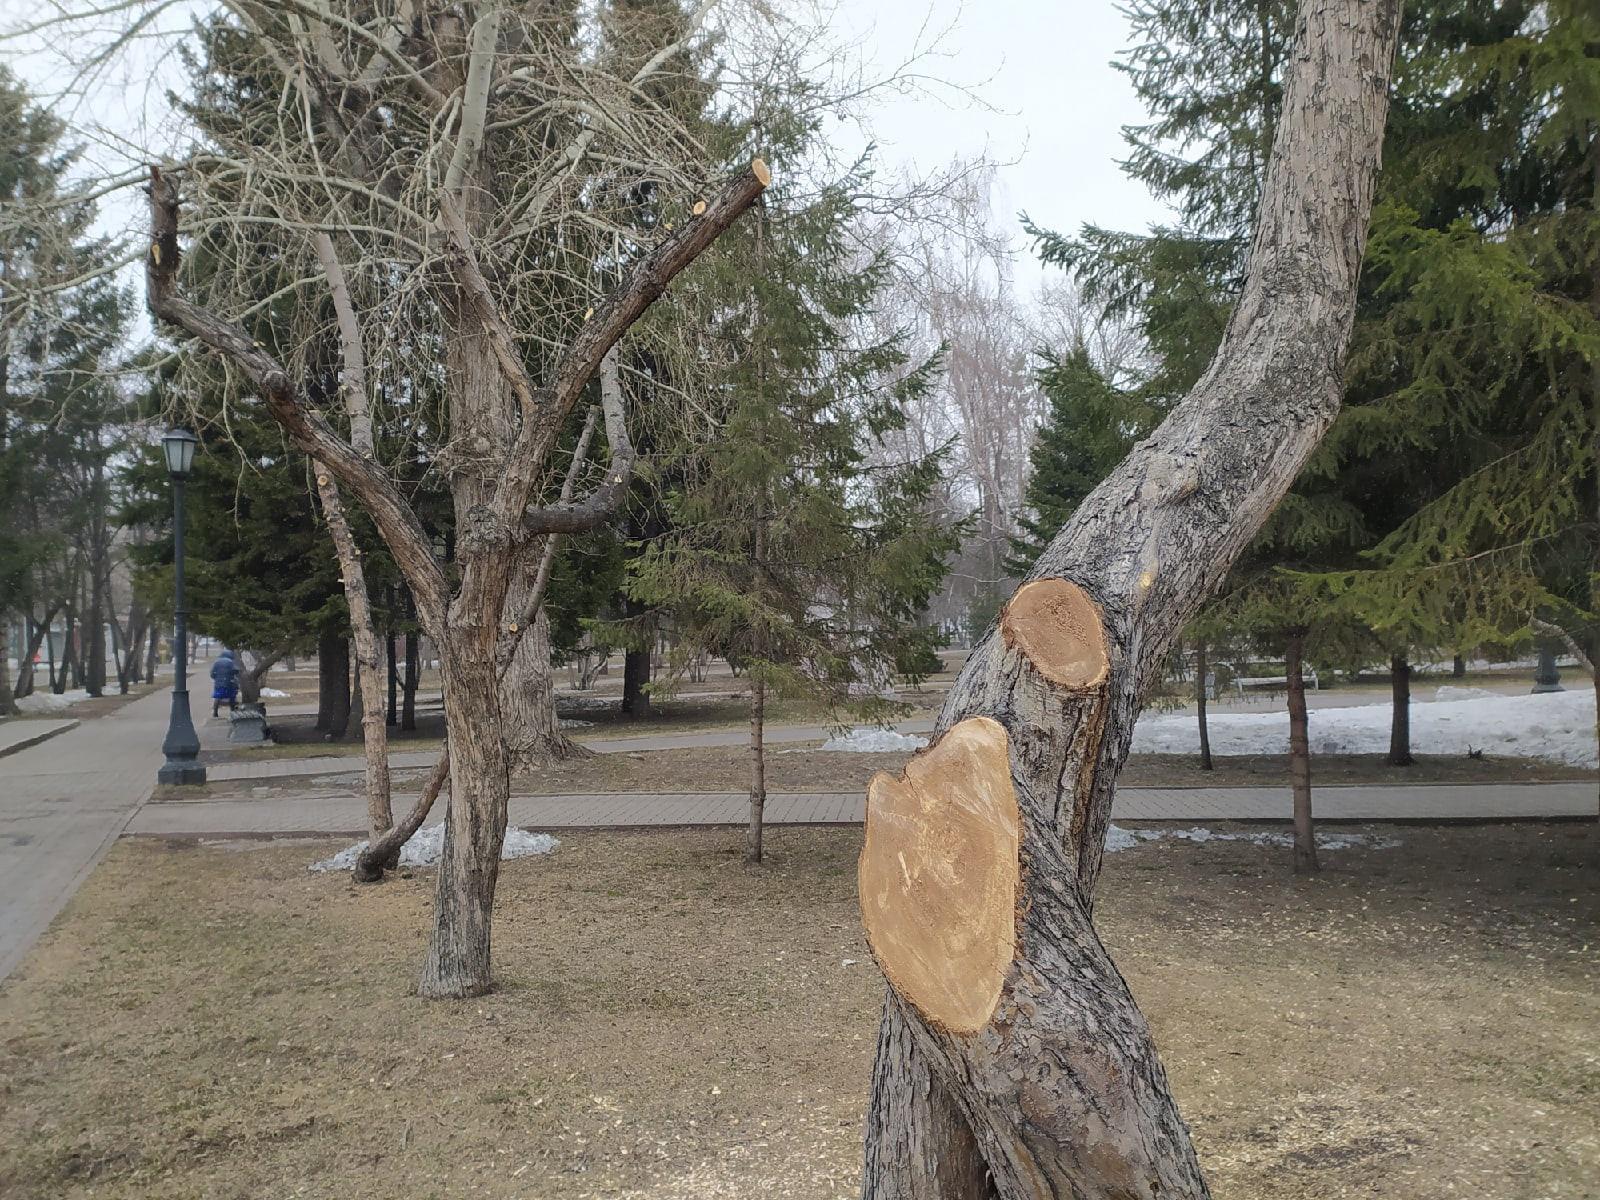 фото В Первомайском сквере Новосибирска обрезали деревья – как в фильме ужасов 5